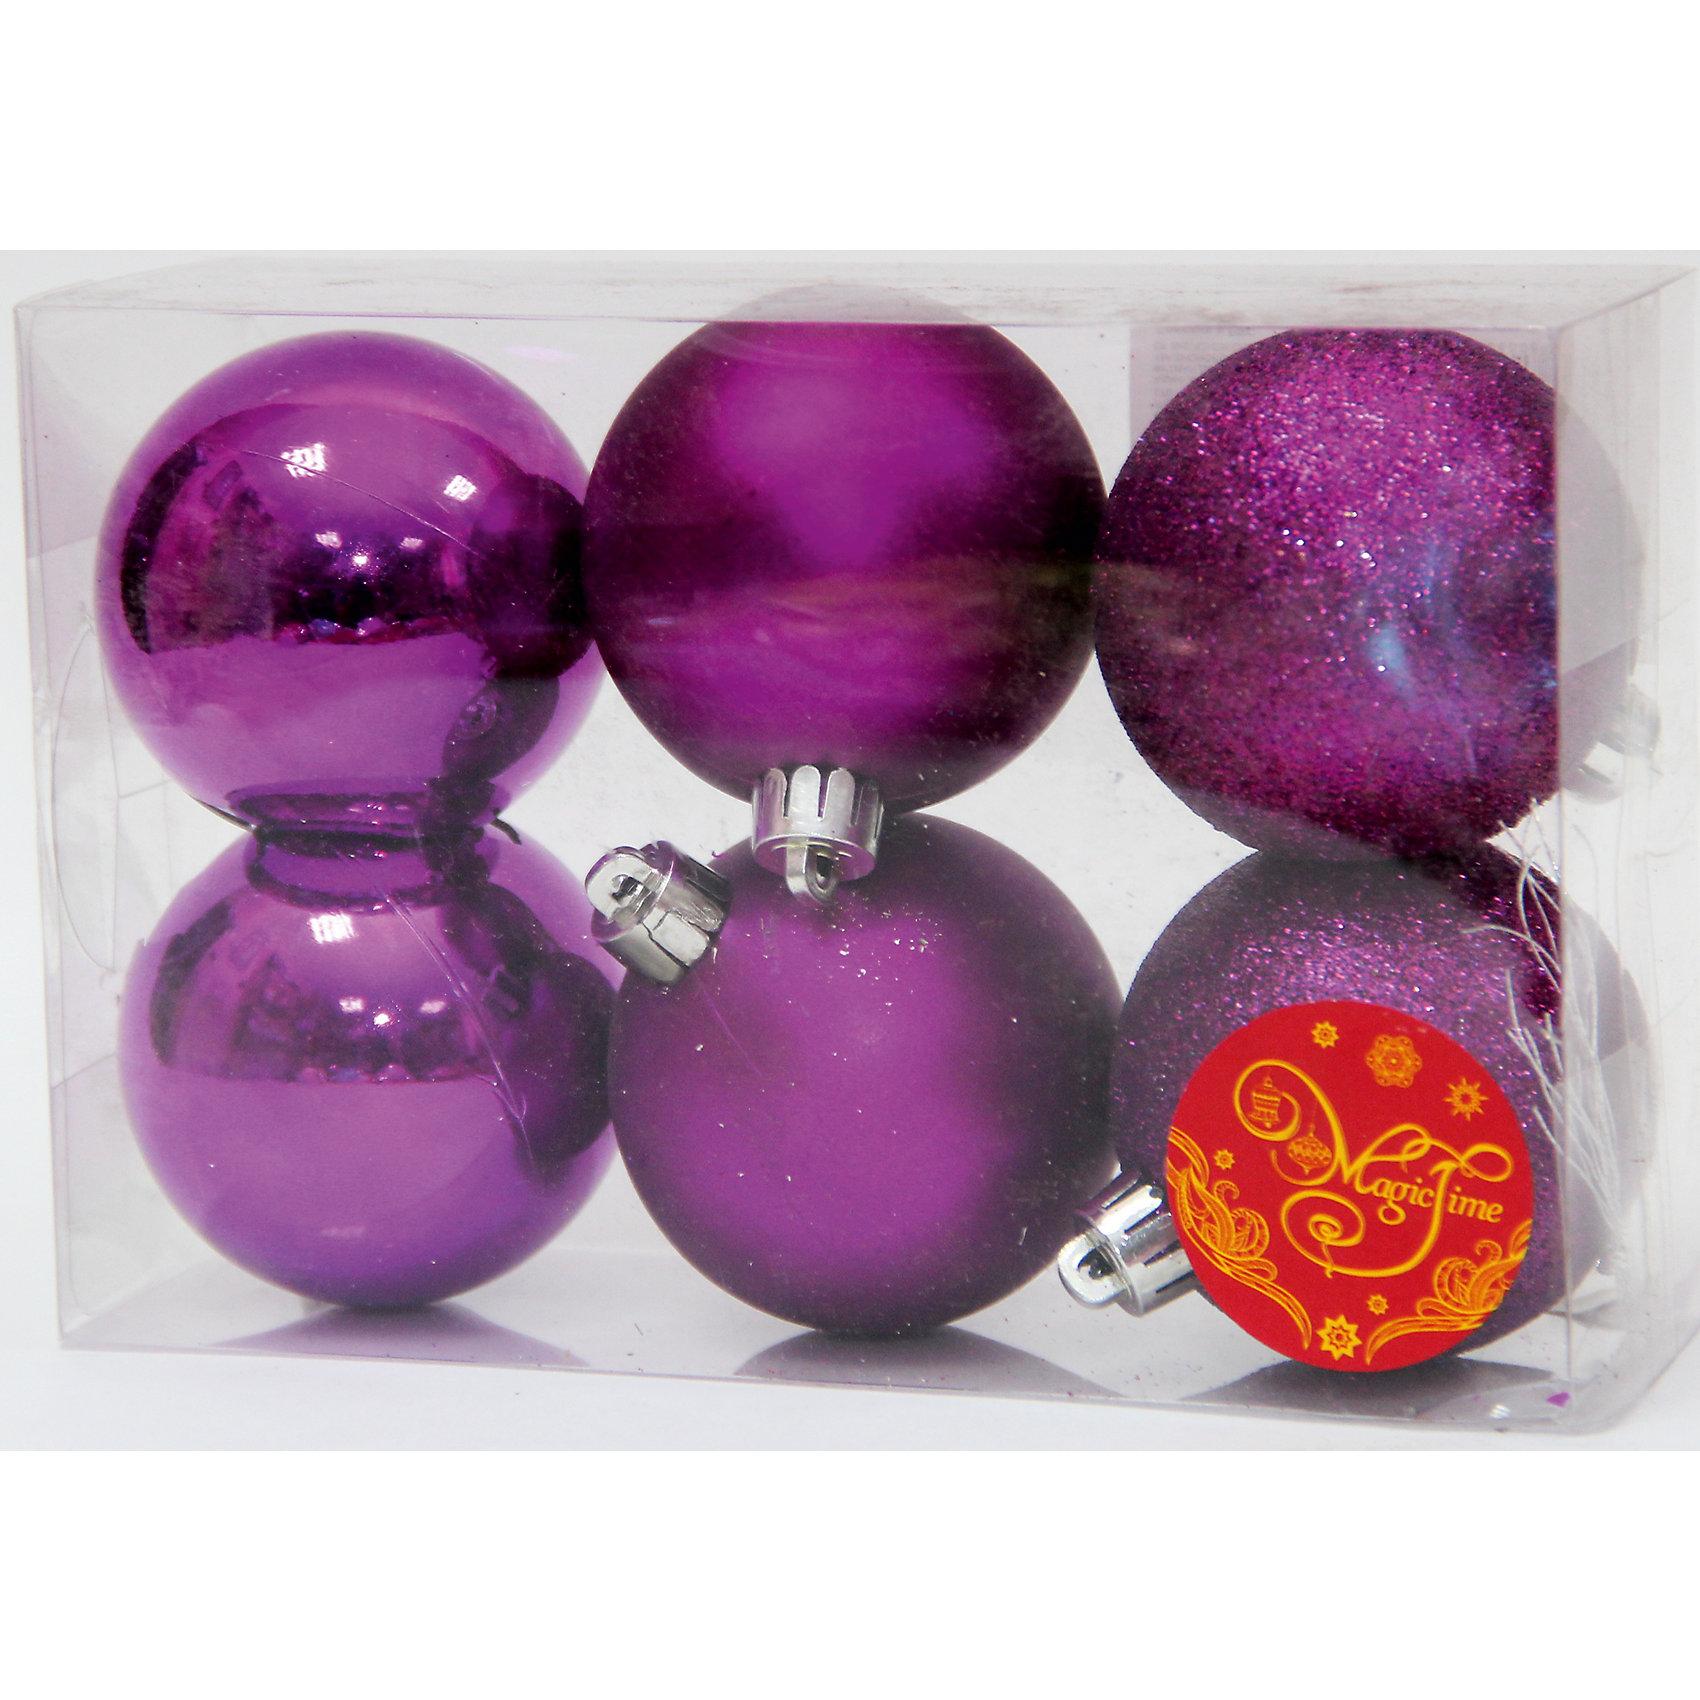 Набор шаров Пурпурный блеск 6 штВсё для праздника<br>Набор шаров Пурпурный блеск 6 шт – этот набор принесет в ваш дом ни с чем несравнимое ощущение праздника!<br>Набор новогодних подвесных украшений Пурпурный блеск прекрасно подойдет для праздничного декора вашей ели. Набор состоит из 6 шаров пурпурного цвета, изготовленных из полистирола - 2 матовых, 2 глянцевых, 2 покрытых глиттером. Для удобного размещения на елке для каждого шара предусмотрена петелька. Елочная игрушка - символ Нового года. Она несет в себе волшебство и красоту праздника. Создайте в своем доме атмосферу веселья и радости, украшая новогоднюю елку нарядными игрушками, которые будут из года в год накапливать теплоту воспоминаний. Откройте для себя удивительный мир сказок и грез. Почувствуйте волшебные минуты ожидания праздника, создайте новогоднее настроение вашим близким.<br><br>Дополнительная информация:<br><br>- В наборе: 6 шаров<br>- Материал: полистирол<br>- Цвет: пурпурный<br>- Размер упаковки: 12 х 6 х 5 см.<br><br>Набор шаров Пурпурный блеск 6 шт можно купить в нашем интернет-магазине.<br><br>Ширина мм: 300<br>Глубина мм: 250<br>Высота мм: 100<br>Вес г: 560<br>Возраст от месяцев: 36<br>Возраст до месяцев: 2147483647<br>Пол: Унисекс<br>Возраст: Детский<br>SKU: 4981539